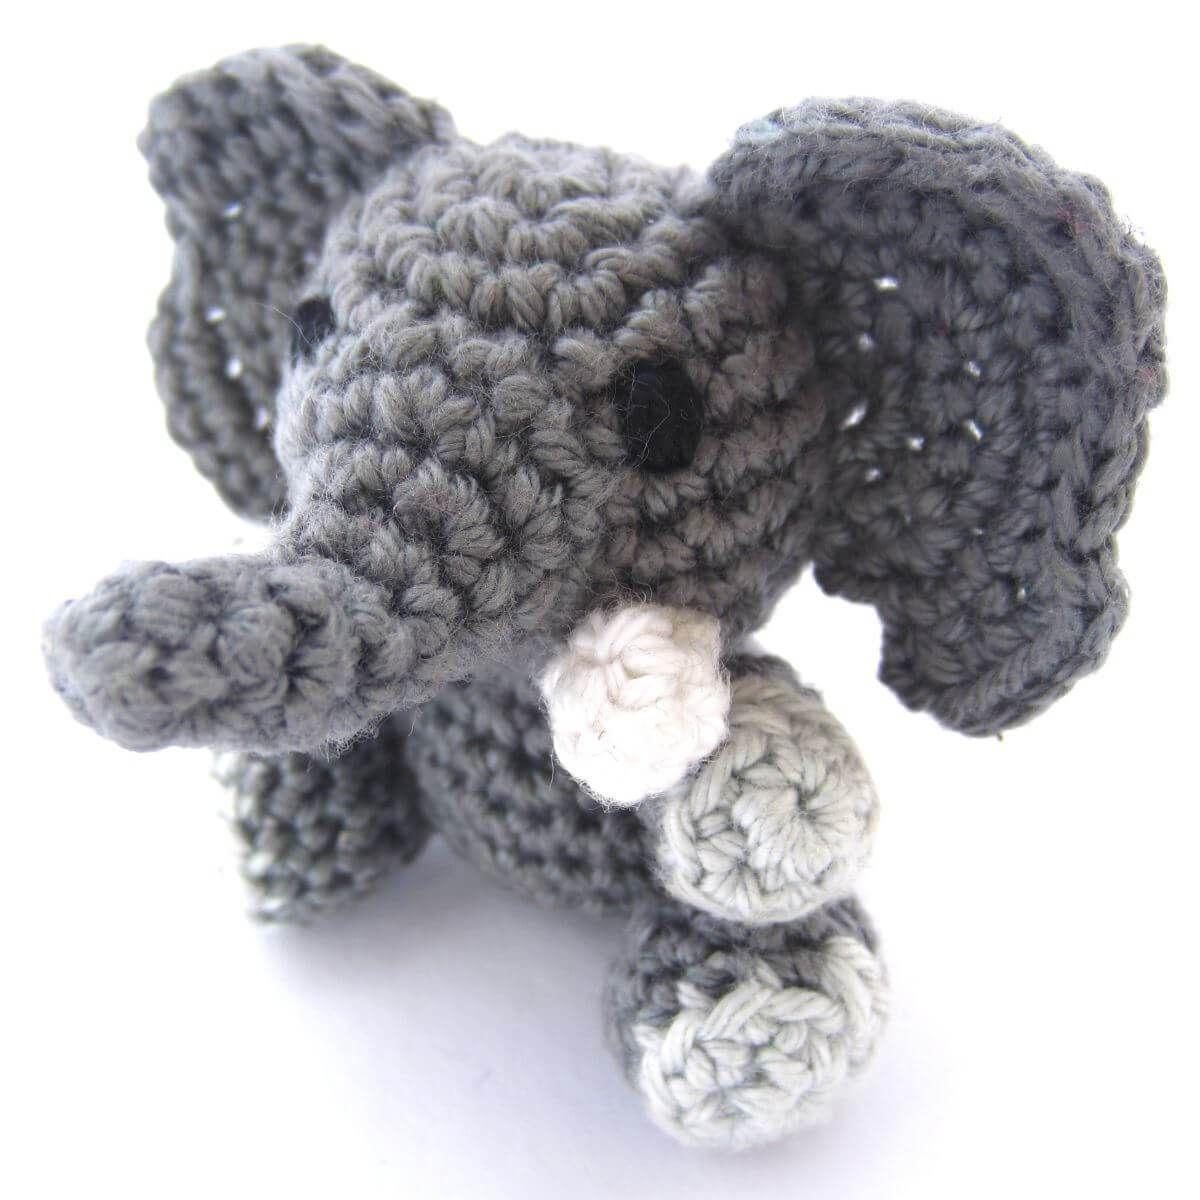 Amigurumi Elefant häkeln Beitragsbild | Stricken | Pinterest ...